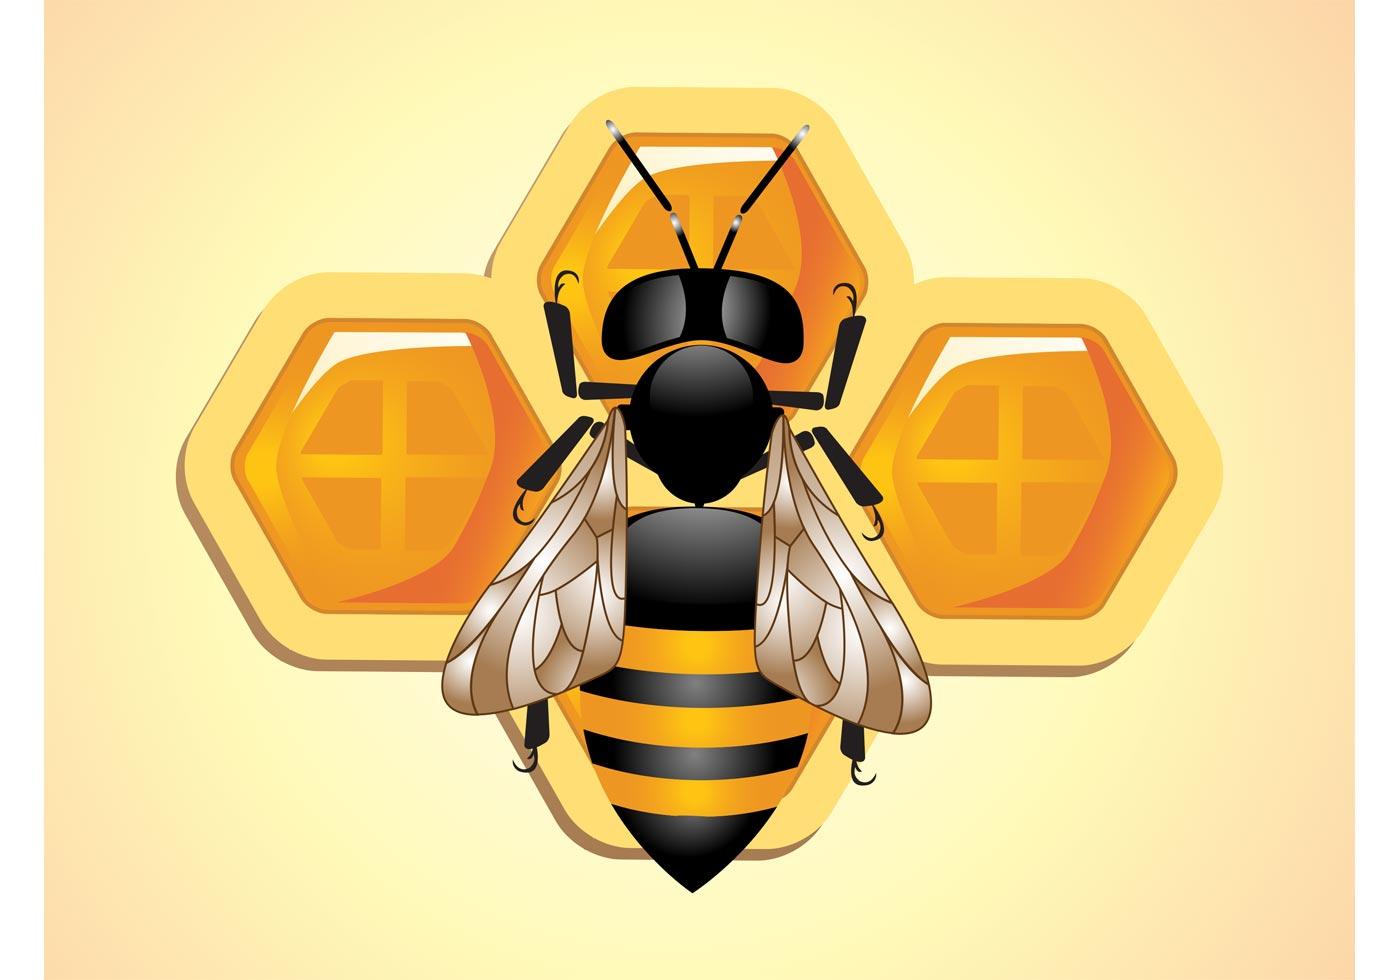 Bee Vector  Download Free Vector Art Stock Graphics  Images